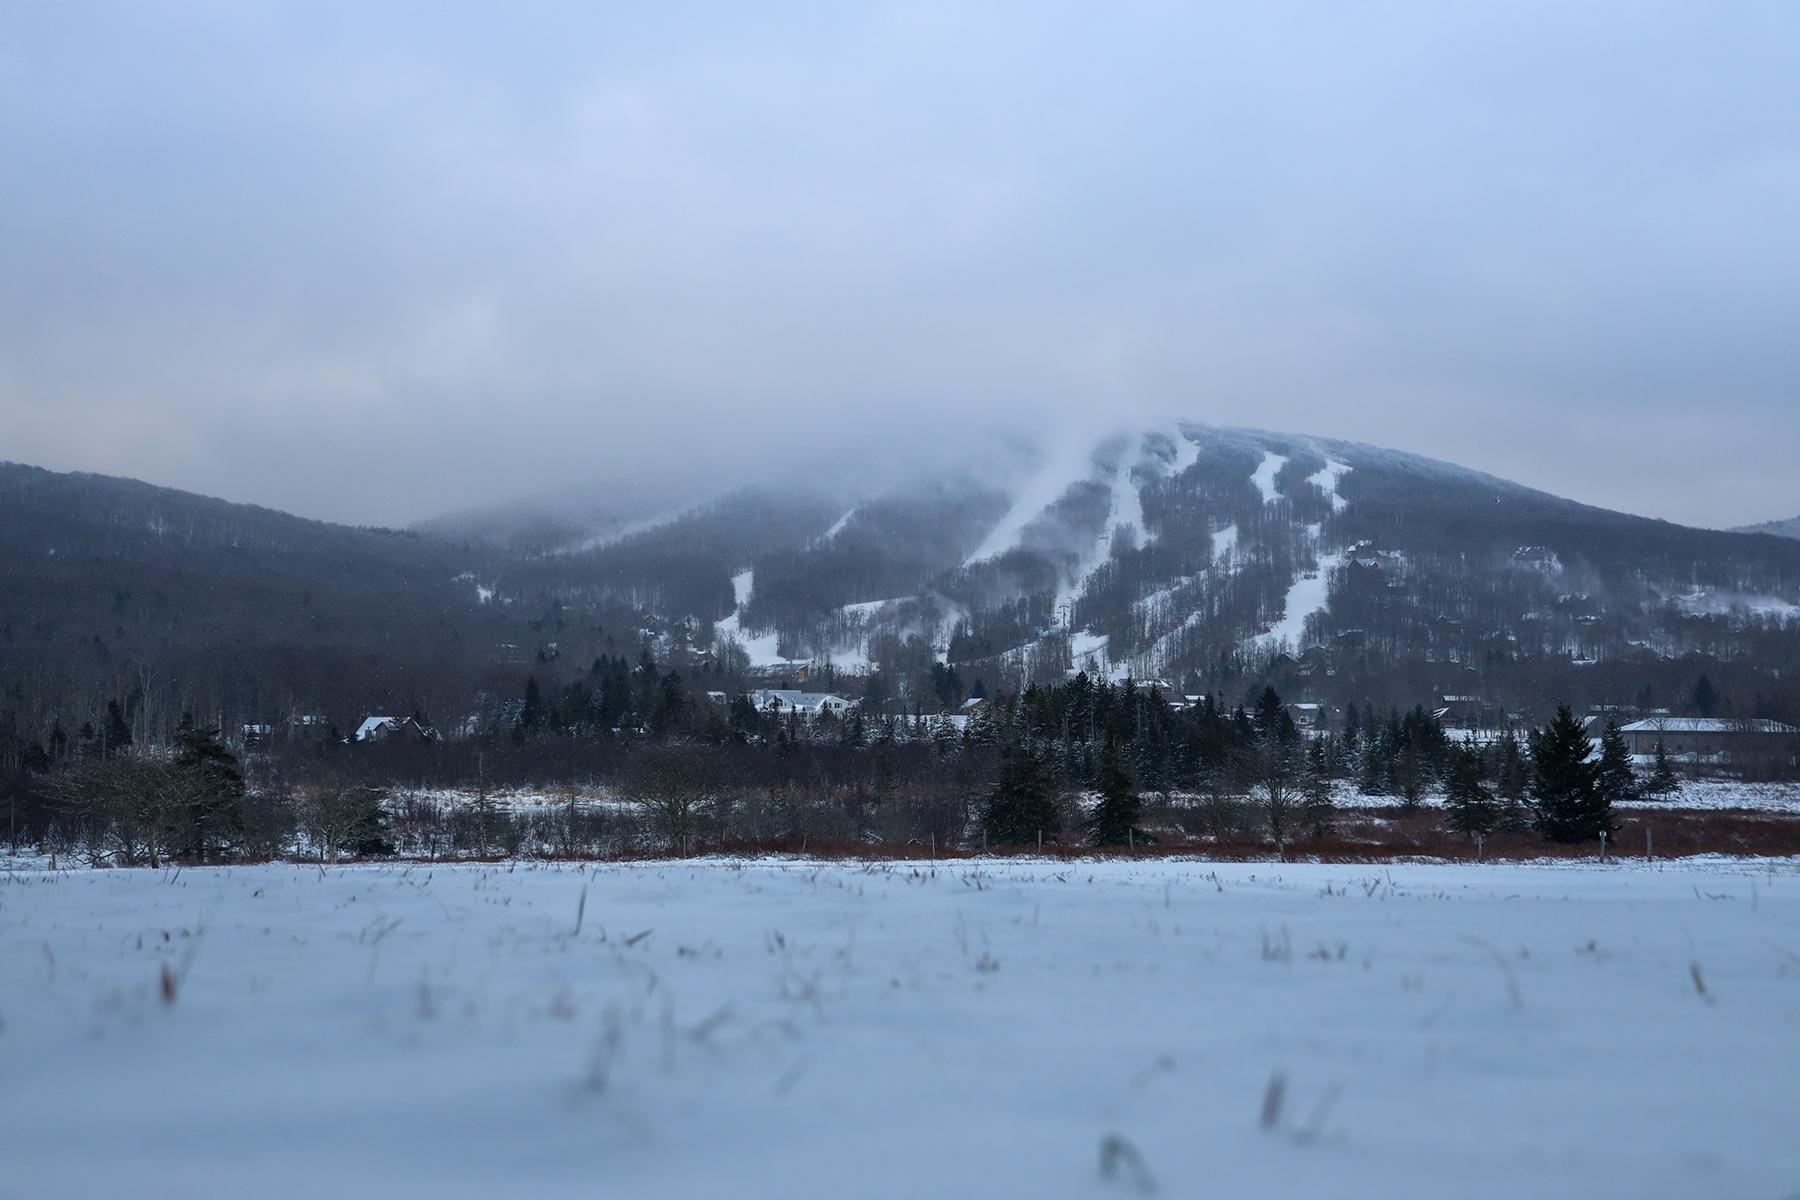 The Mountain & Facilities